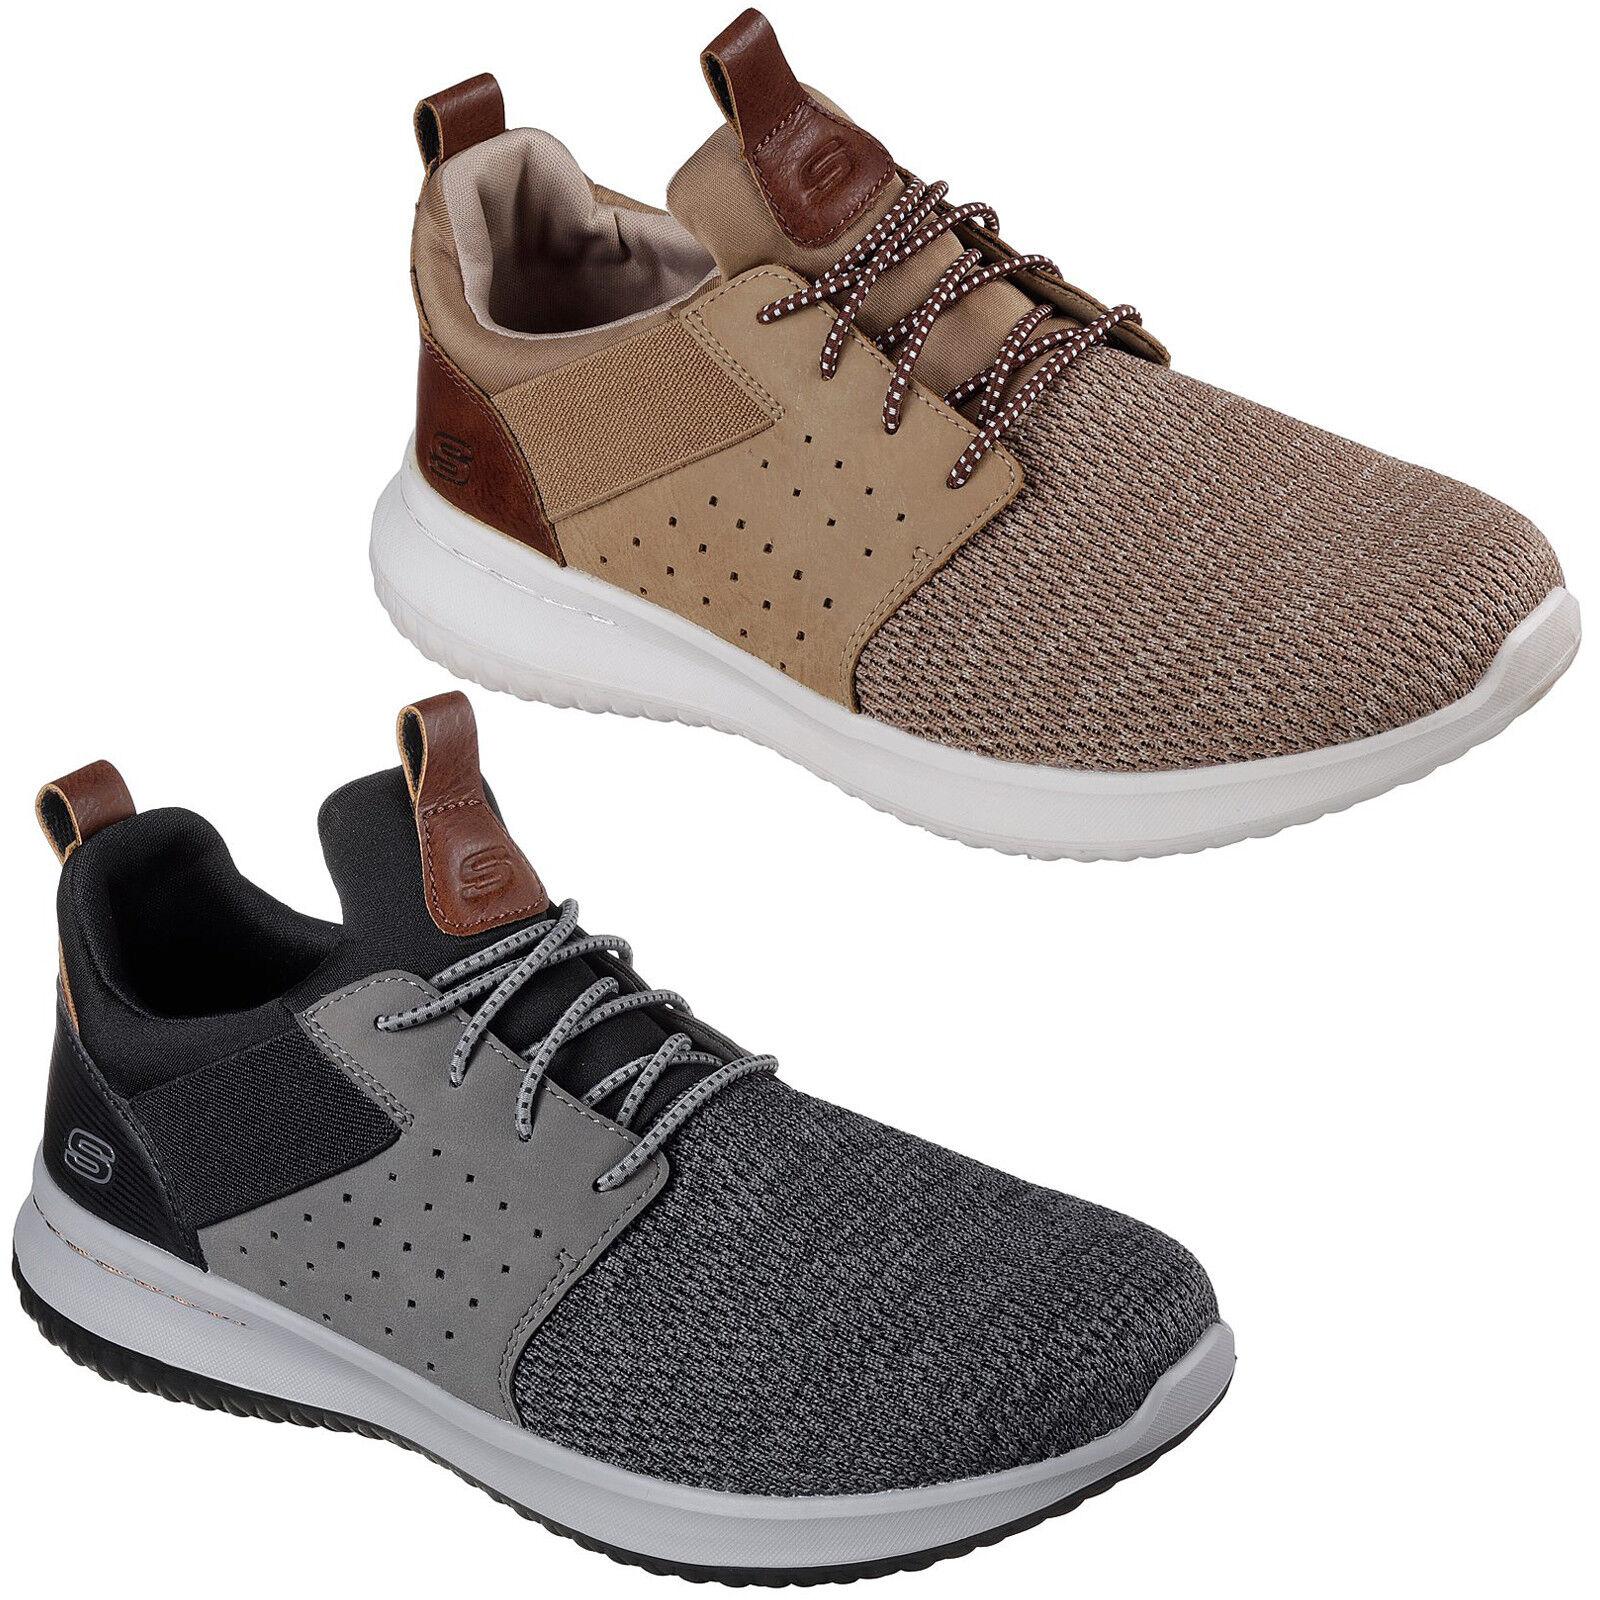 Skechers Delson - Camben Zapatillas para Hombre Deporte Ligero Punto Malla